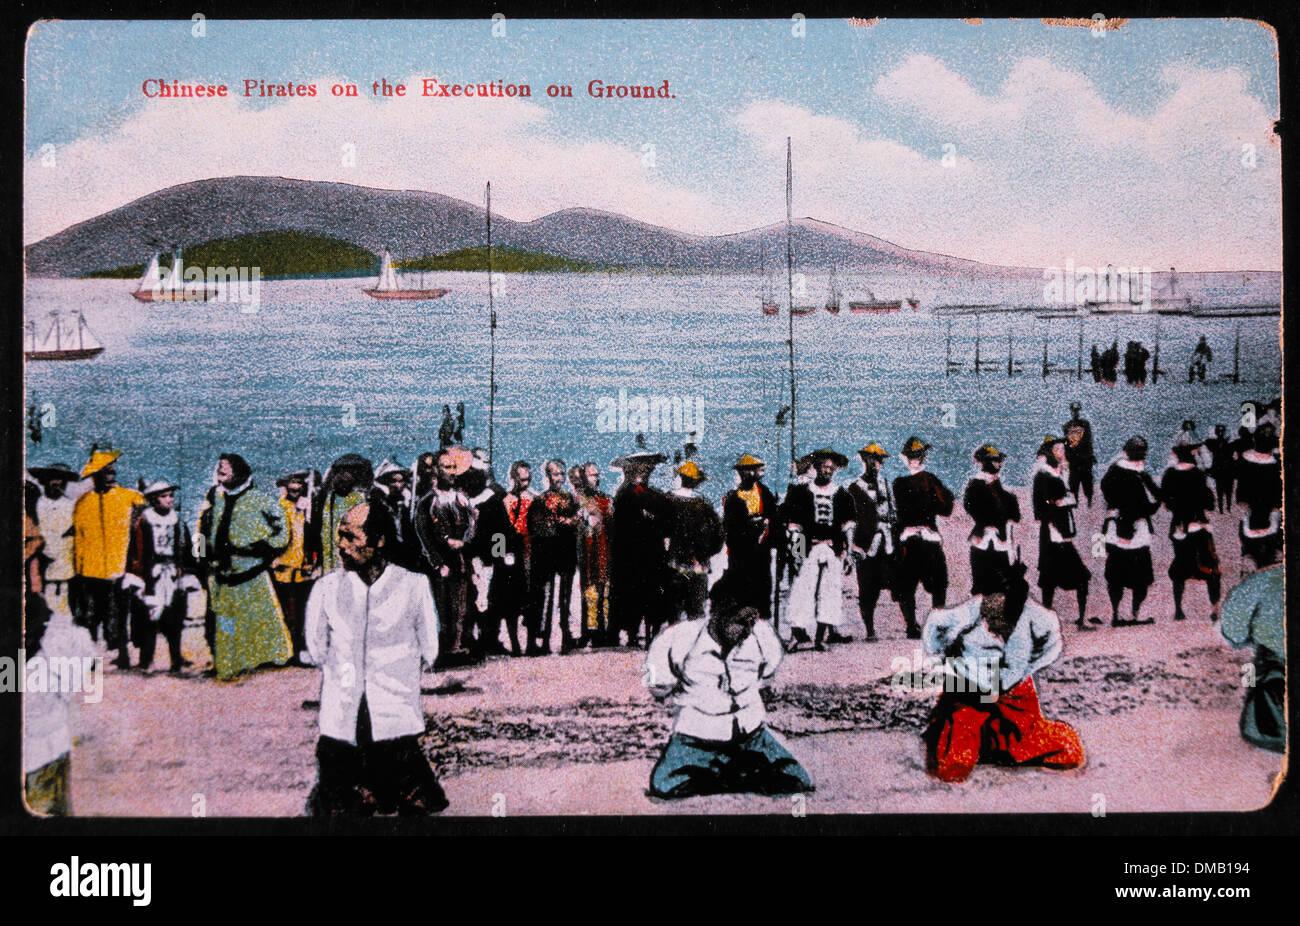 Pirati cinesi sul terreno di esecuzione, Kowloon City, Cina, 1891 Immagini Stock